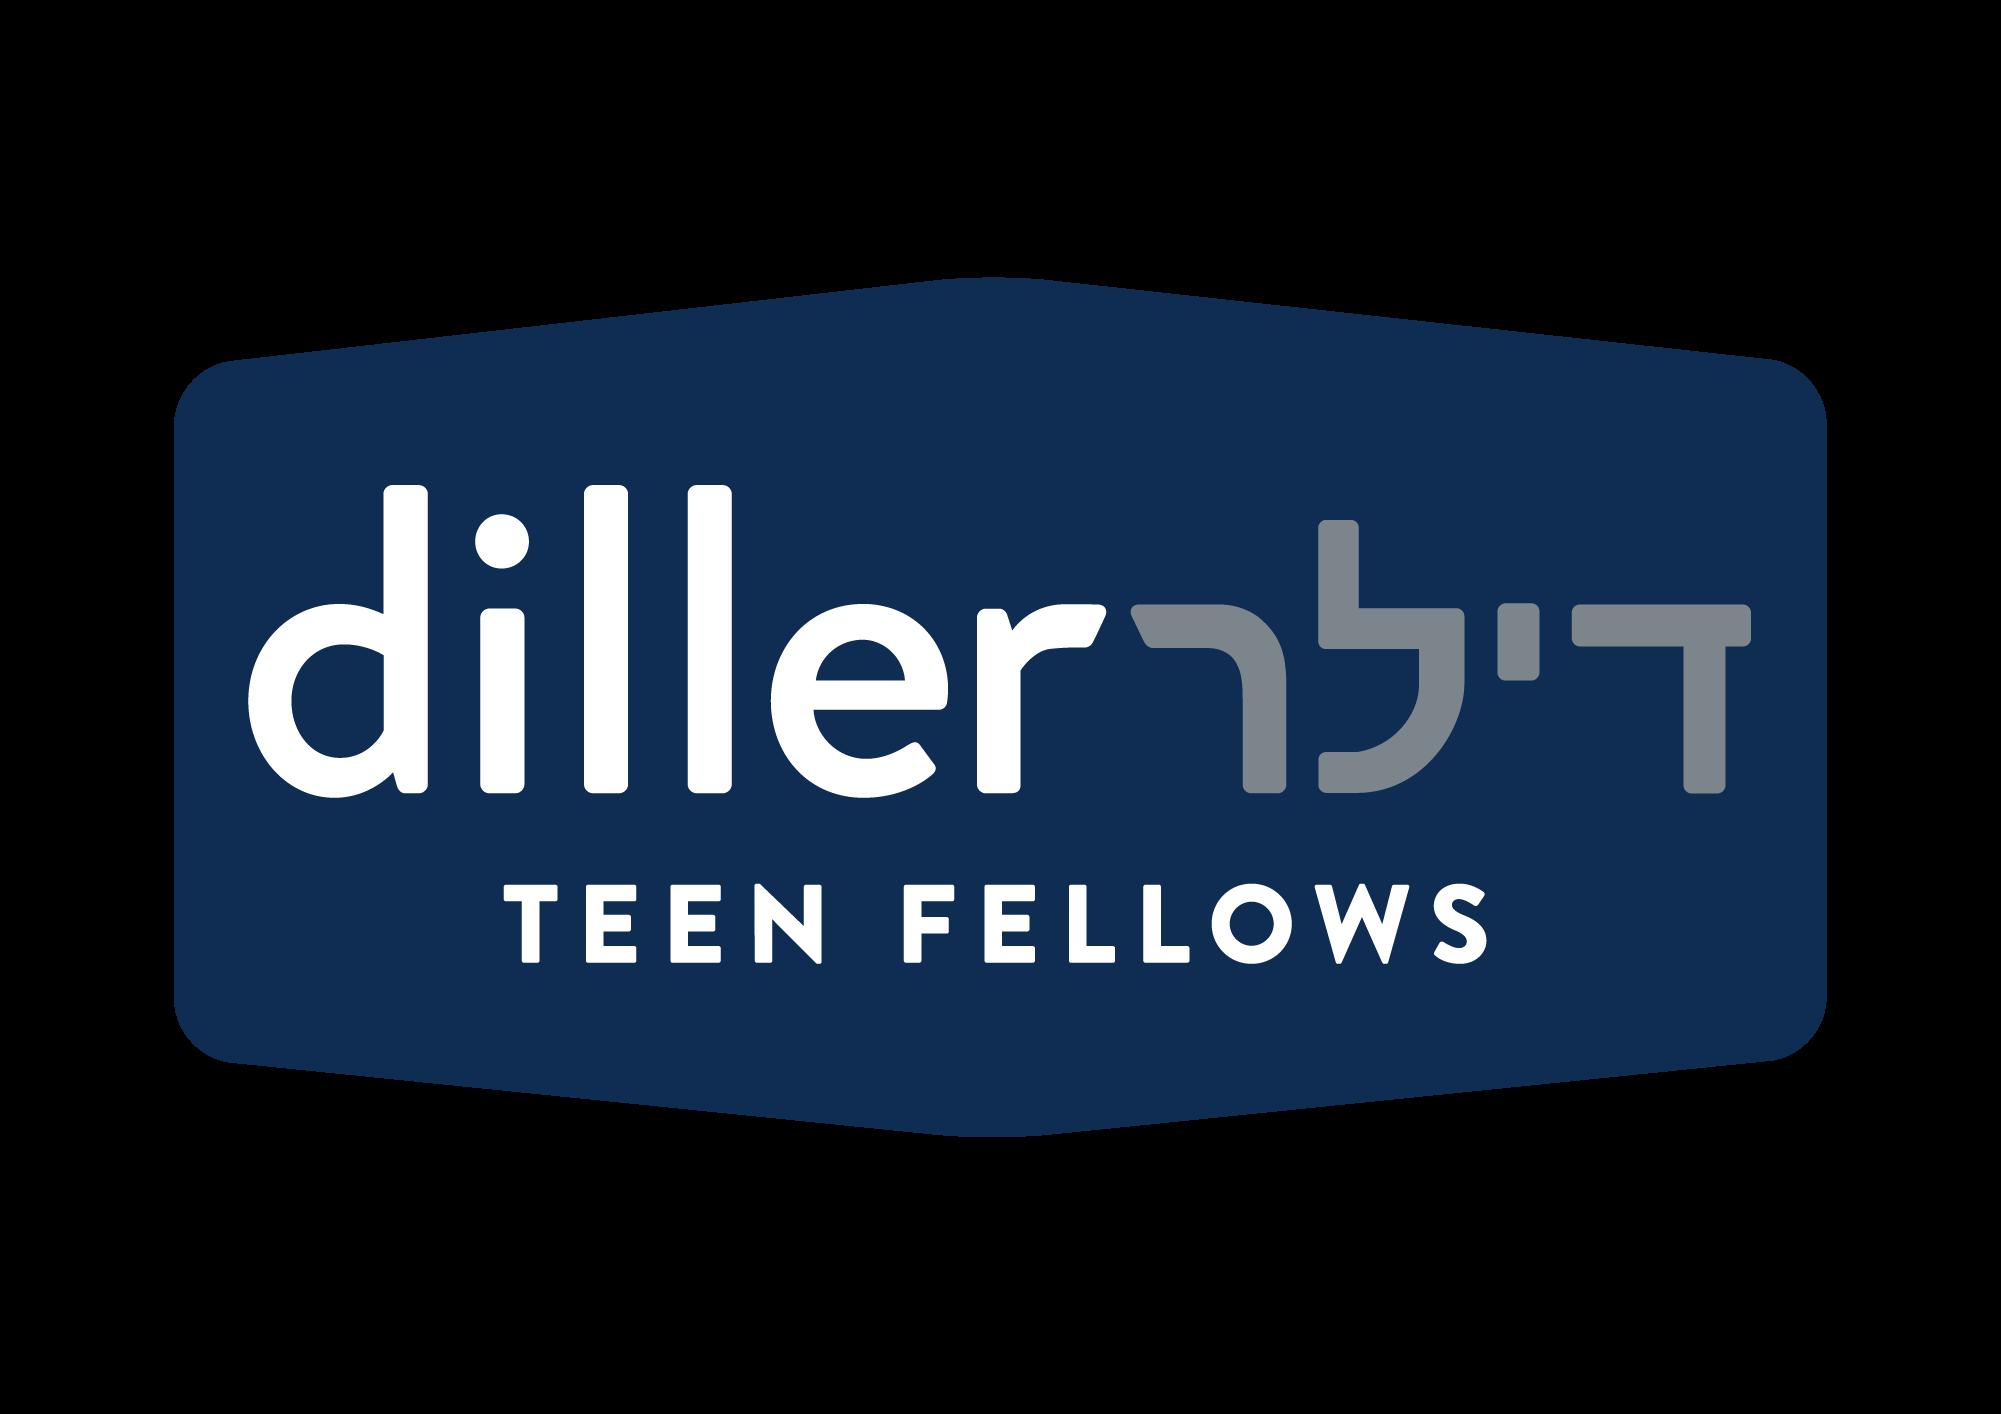 Logo Diller